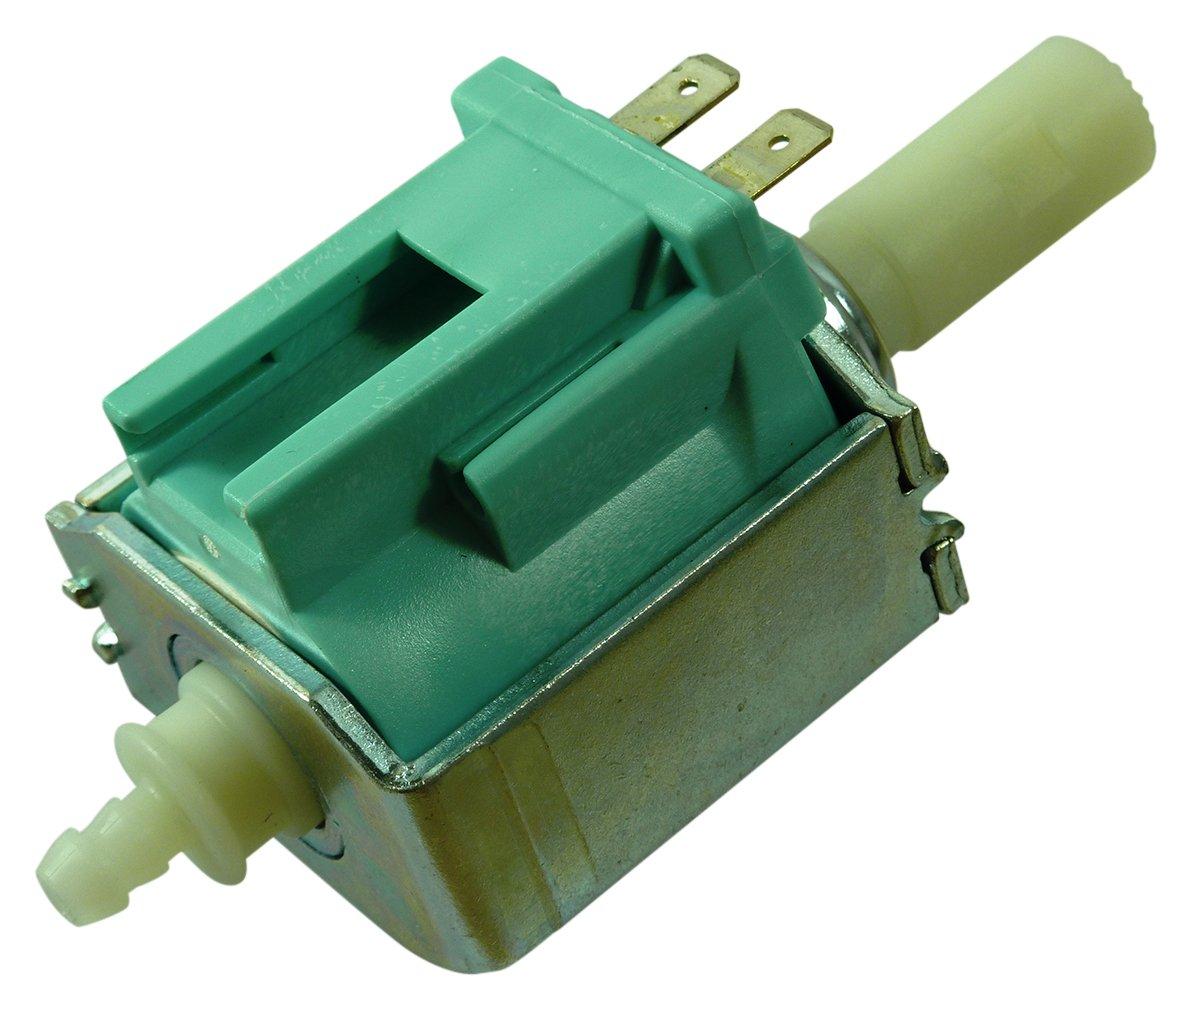 /Neuf Pompe /à eau Pompe Pompe /à eau ARS 230/V 65/W 50/Hz compatible avec tous les mod/èles Jura/